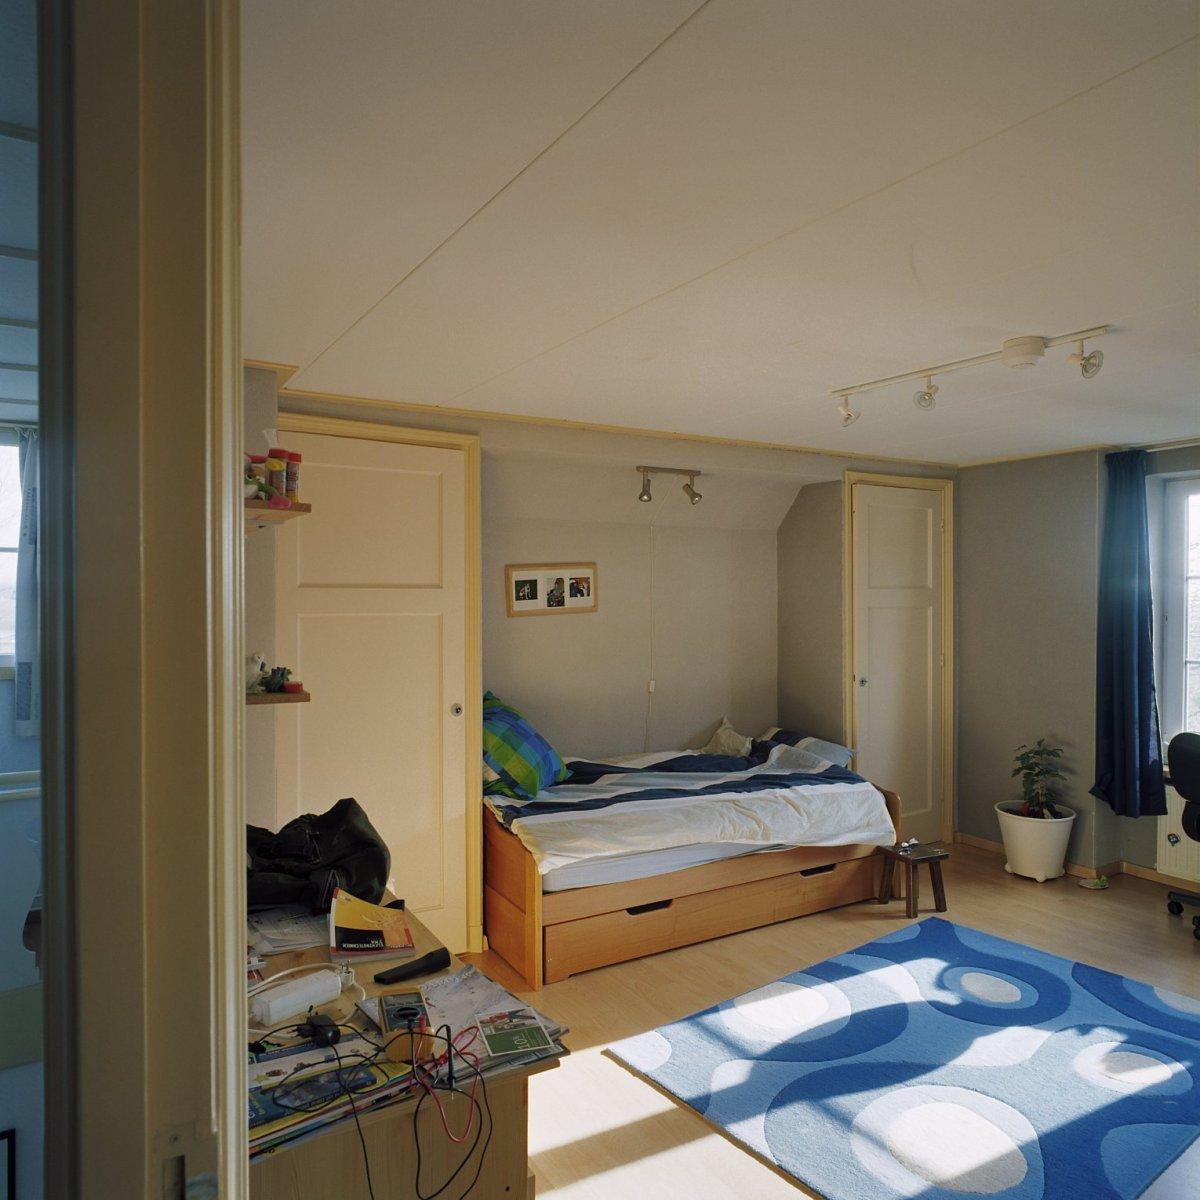 fileinterieur eerste verdieping overzicht slaapkamer met kastenwand wouw 20363666 rce